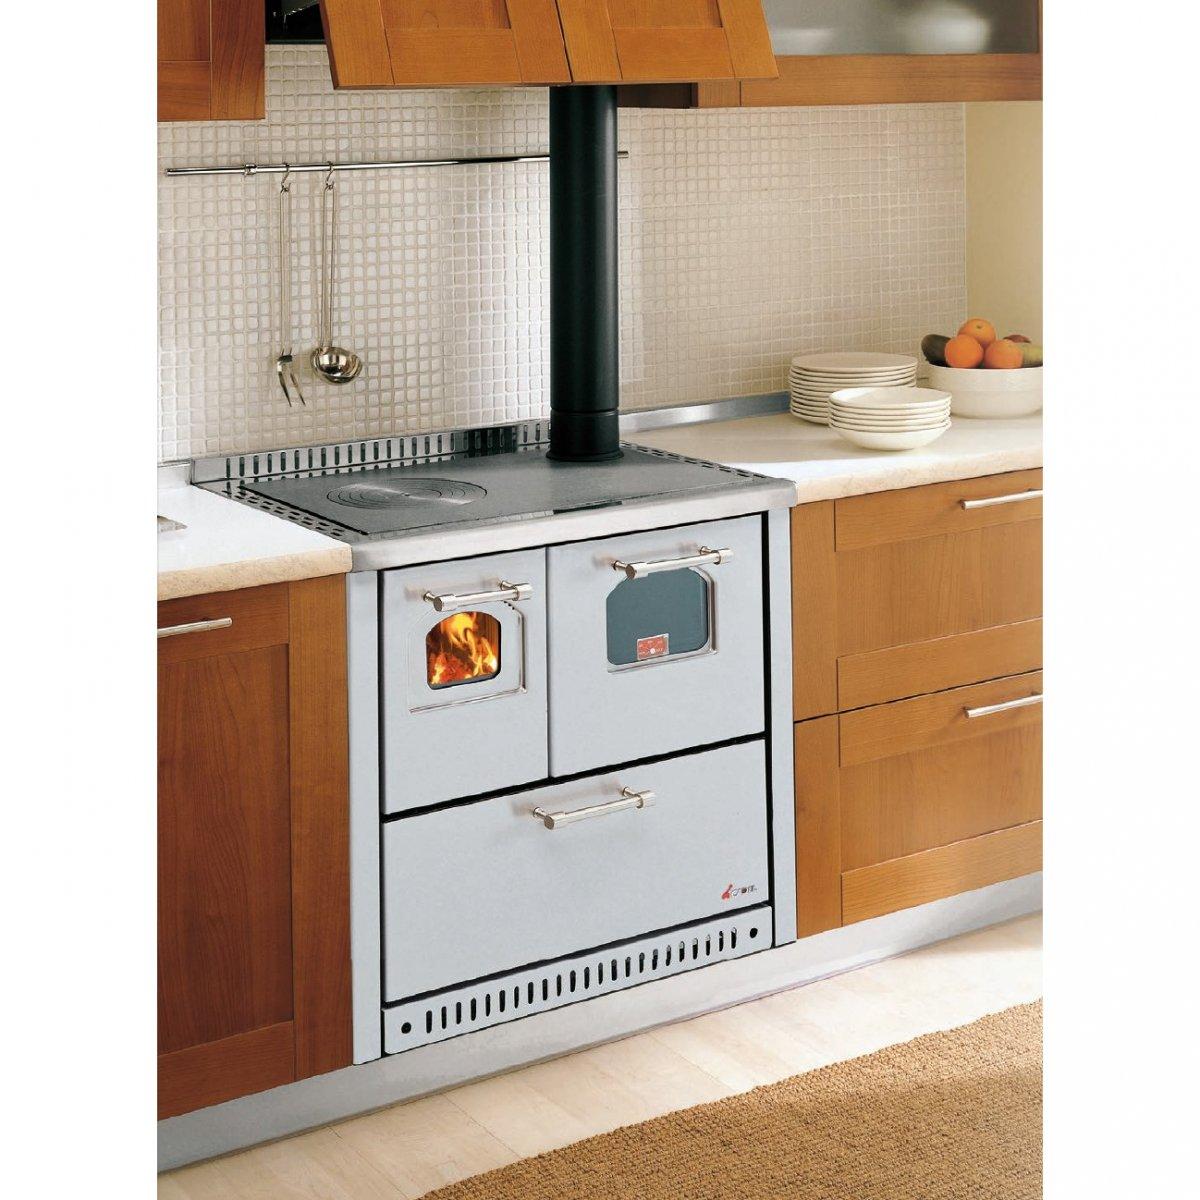 Home Elettrodomestici Cucine A Legna Cucina A Legna Ventilata Club #713A20 1200 1200 Foto Di Cucine